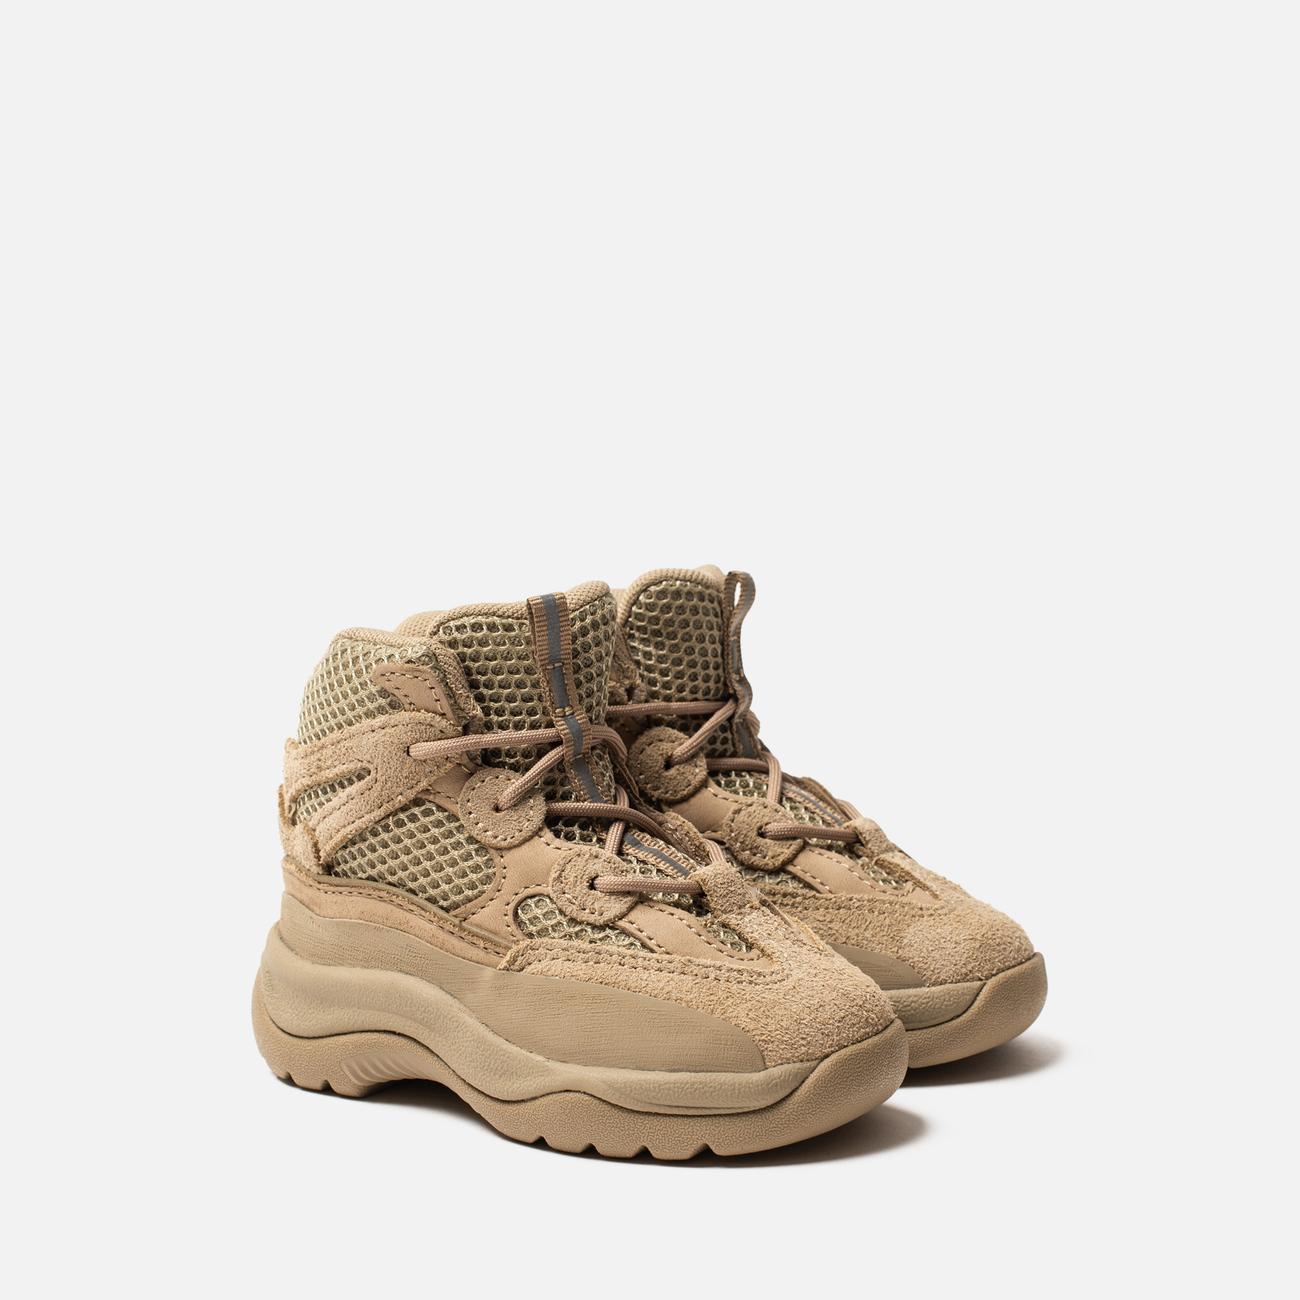 Кроссовки для малышей adidas Originals Yeezy Desert Boot Infant Rock/Rock/Rock